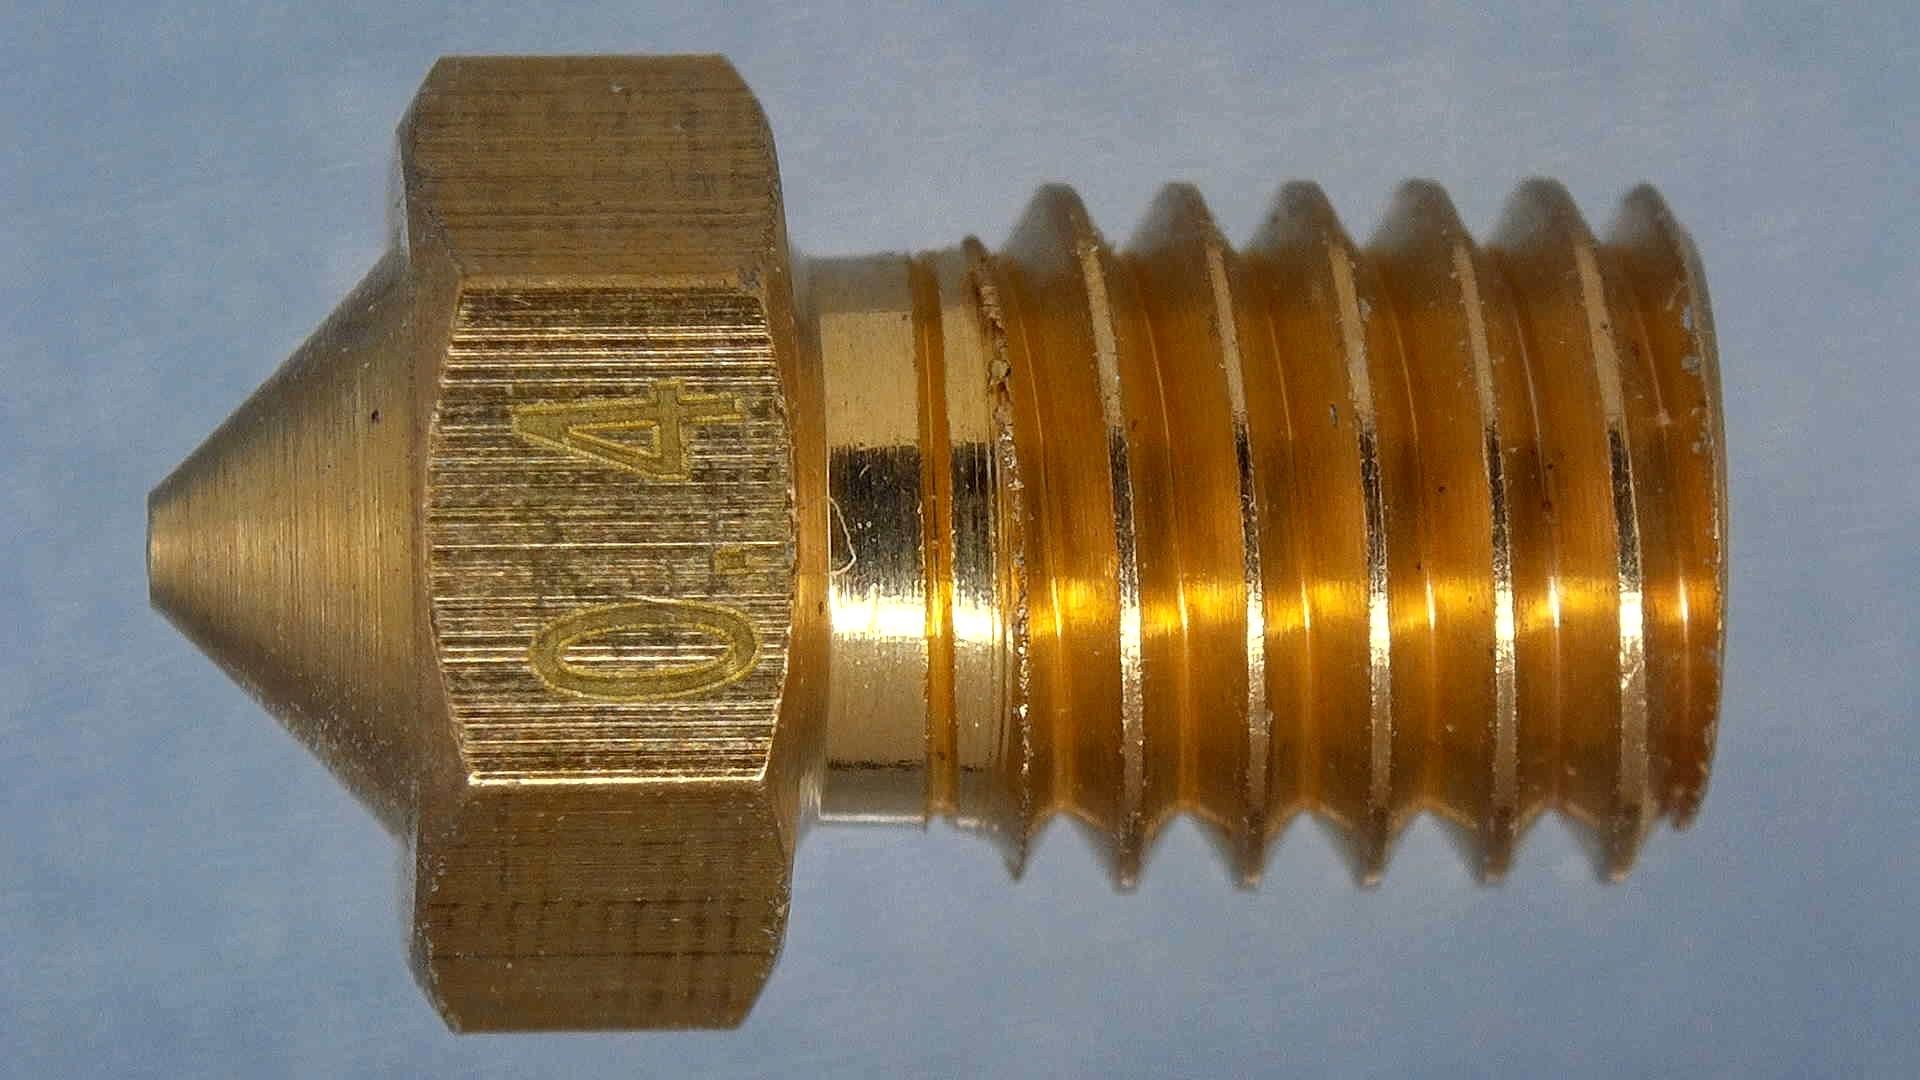 Generic-Cheap-V6-Brass-Nozzle-4-3D Printer Nozzle Comparison